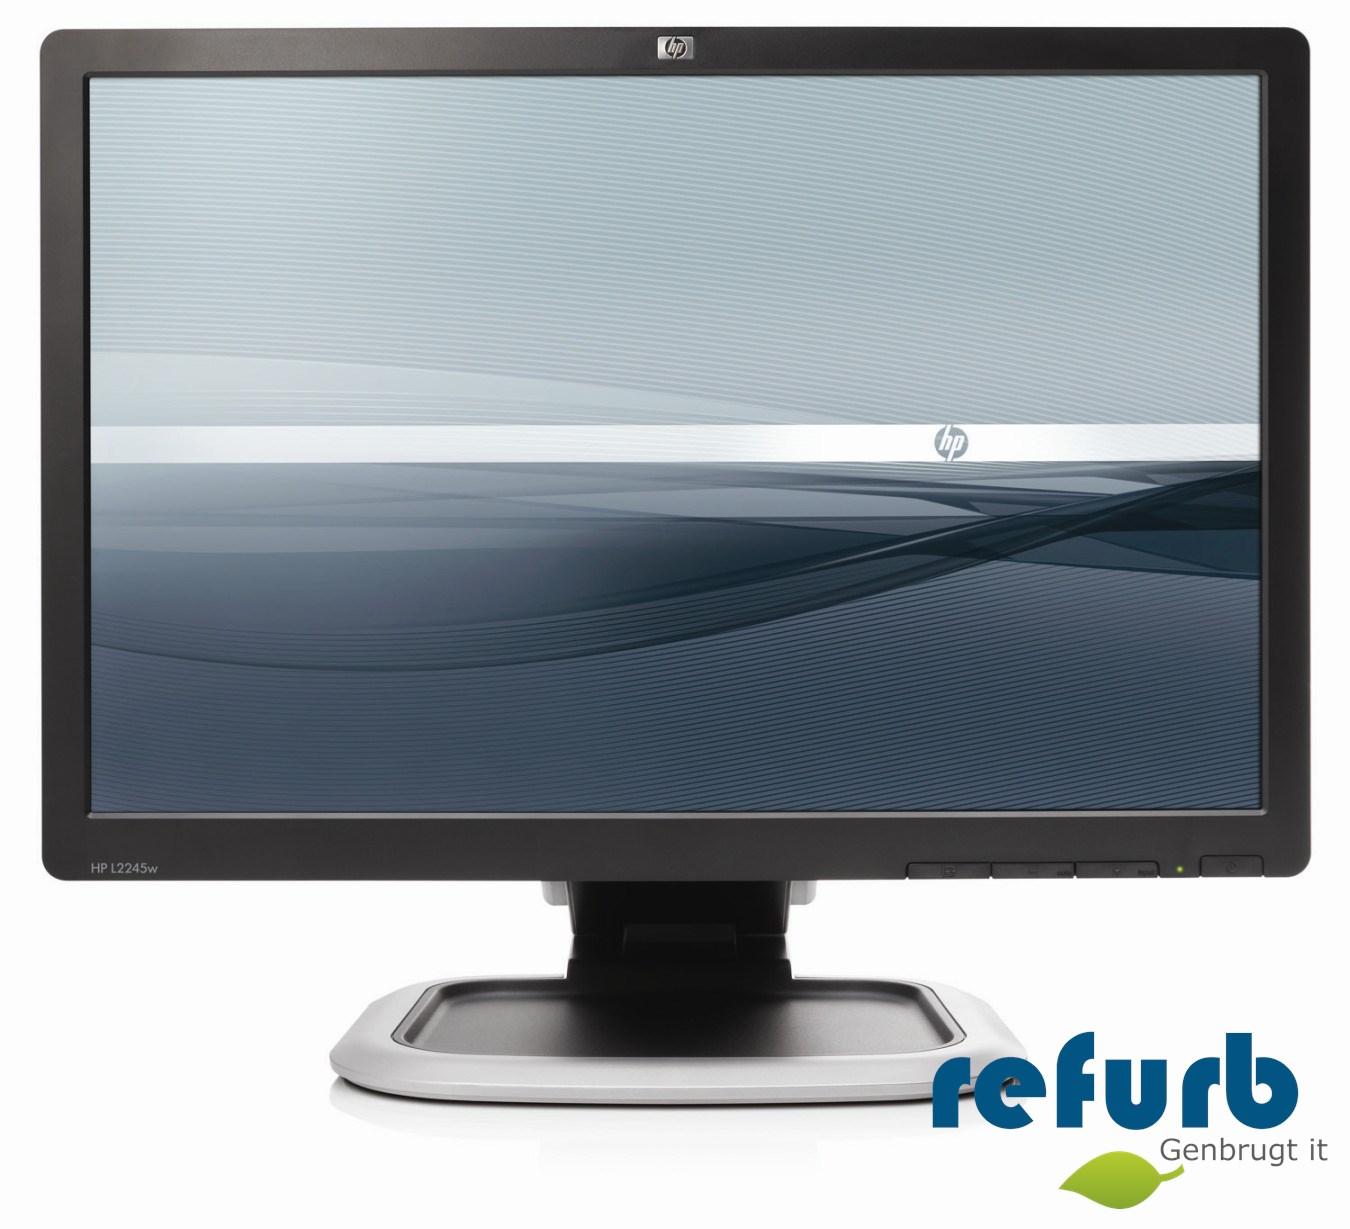 Velsete Billig Assorteret skærm 24' LCD TFT | Fri fragt & hurtig levering FE-01